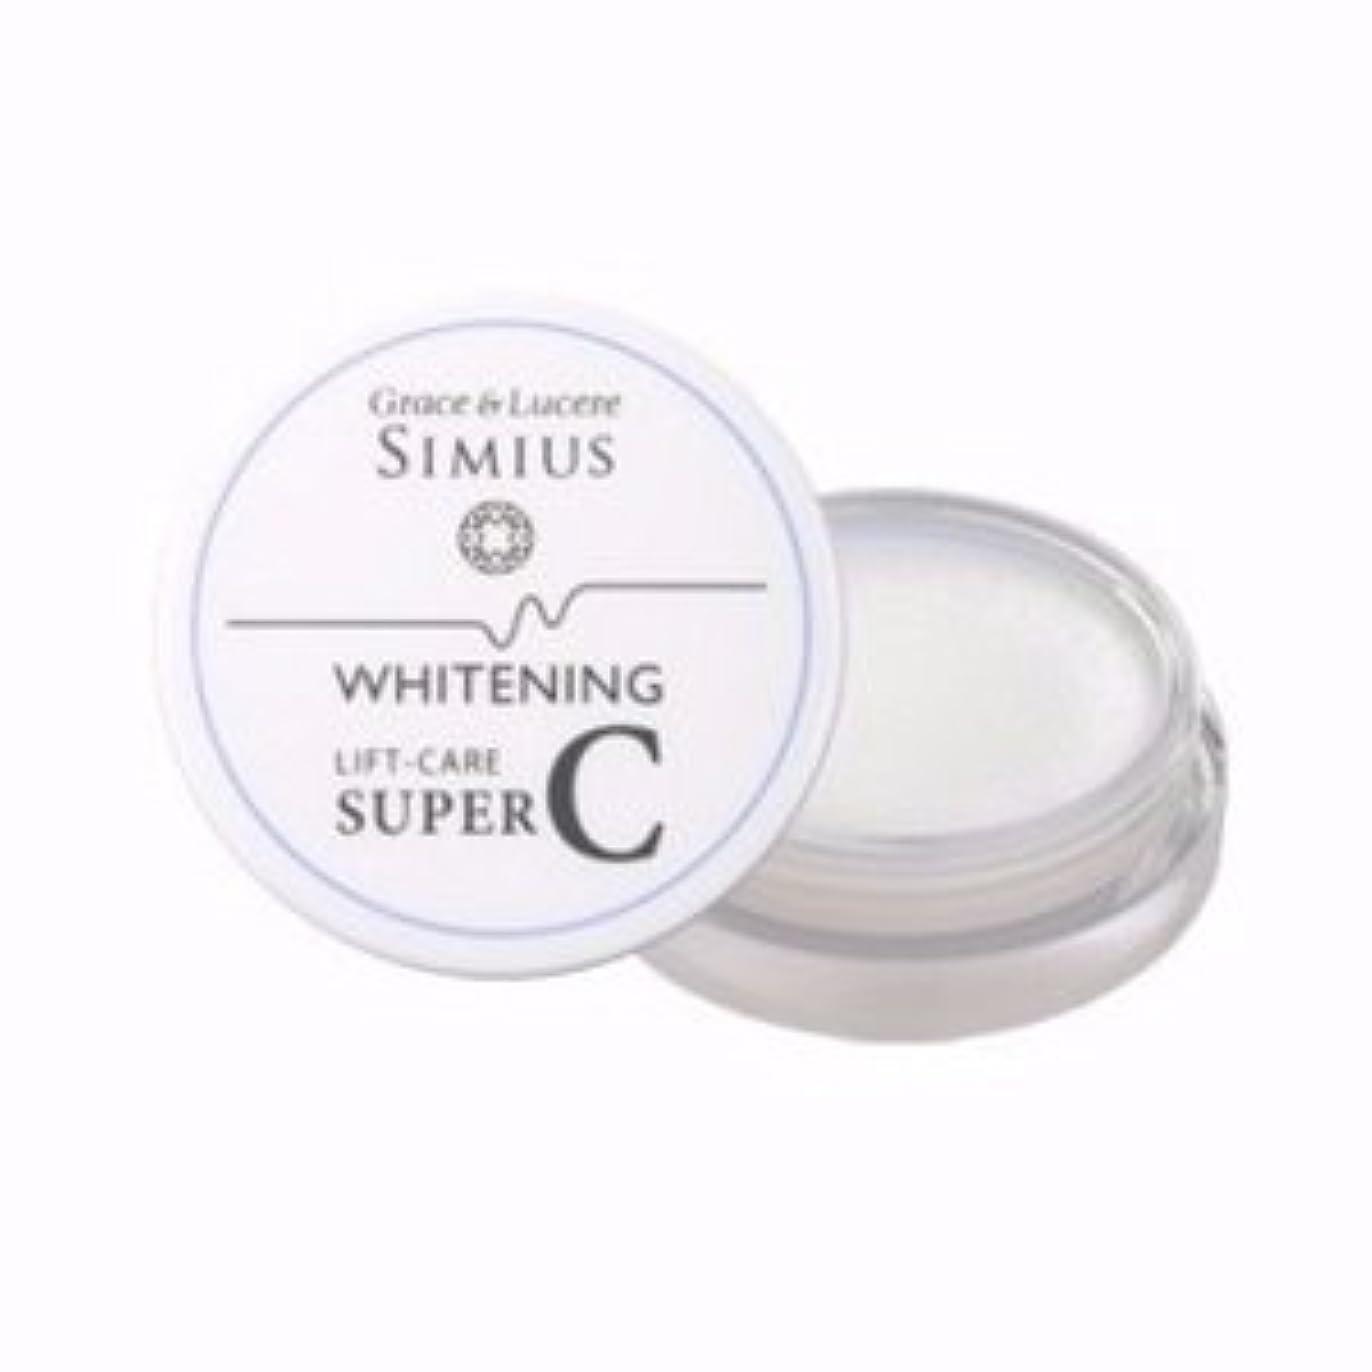 百科事典上向き水っぽいグレースアンドルケレ シミウス ホワイトニングリフトケアスーパーC 7g